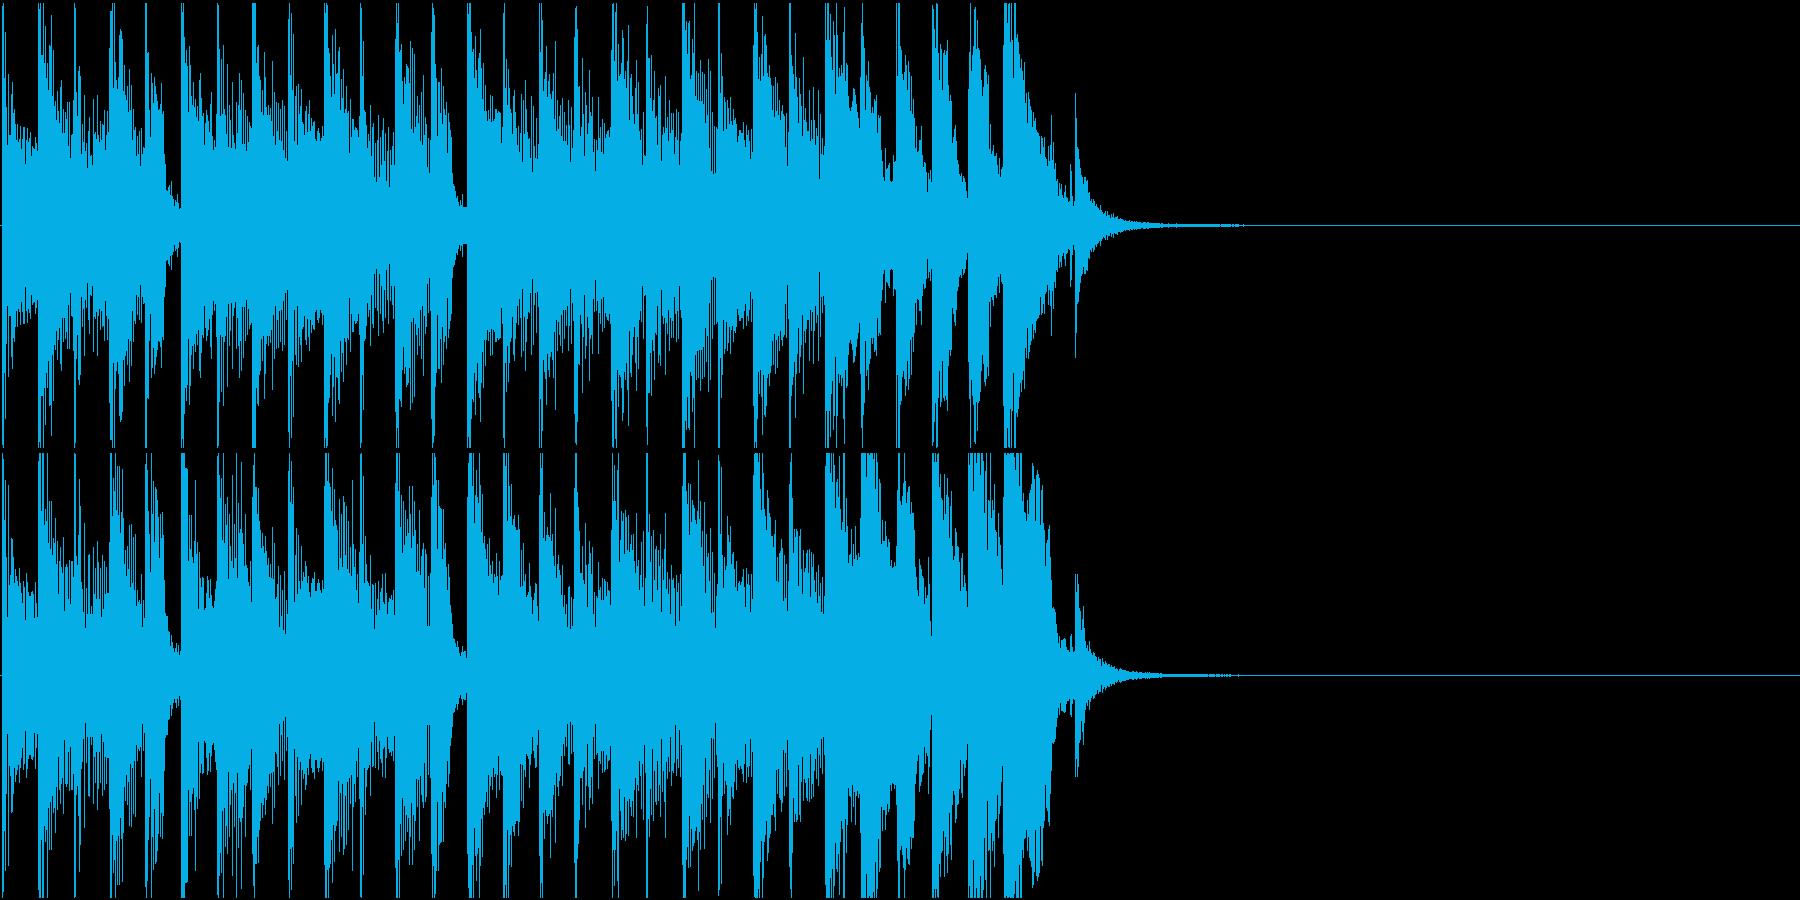 せわしないアイキャッチの再生済みの波形